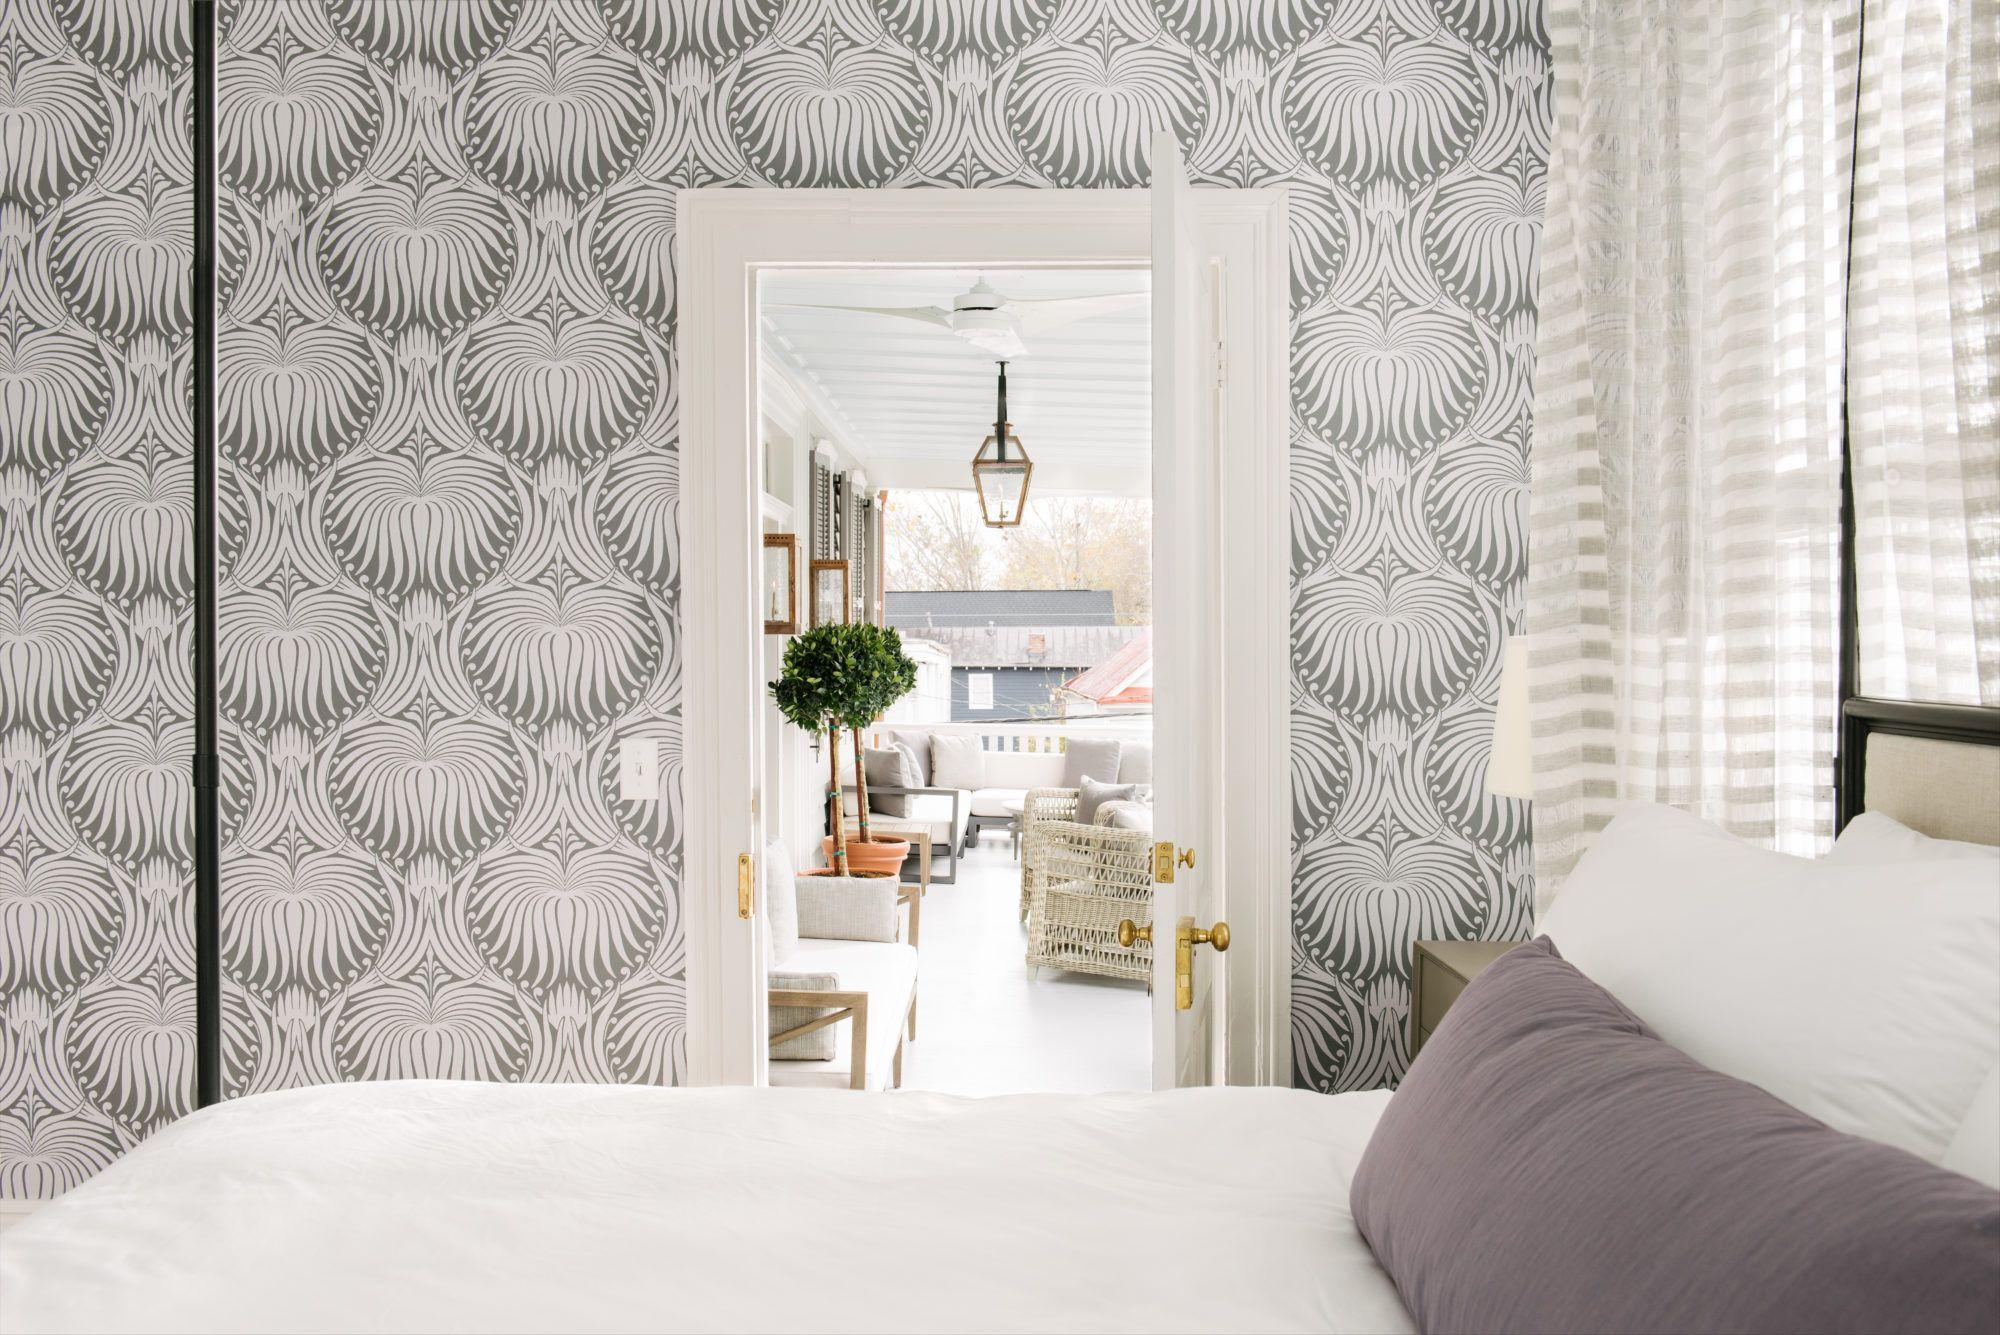 DSC_4815x Lotus wallpaper, Interior design, Design